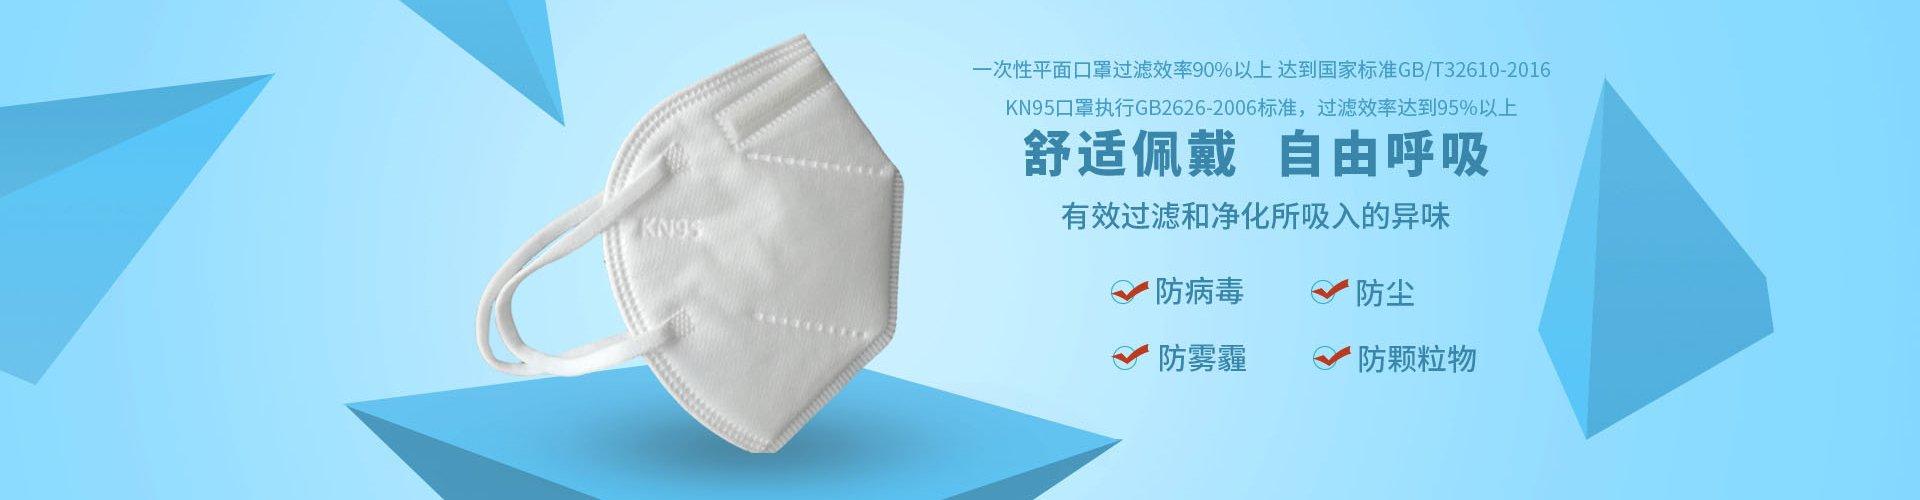 青枣KN95普通防护口罩